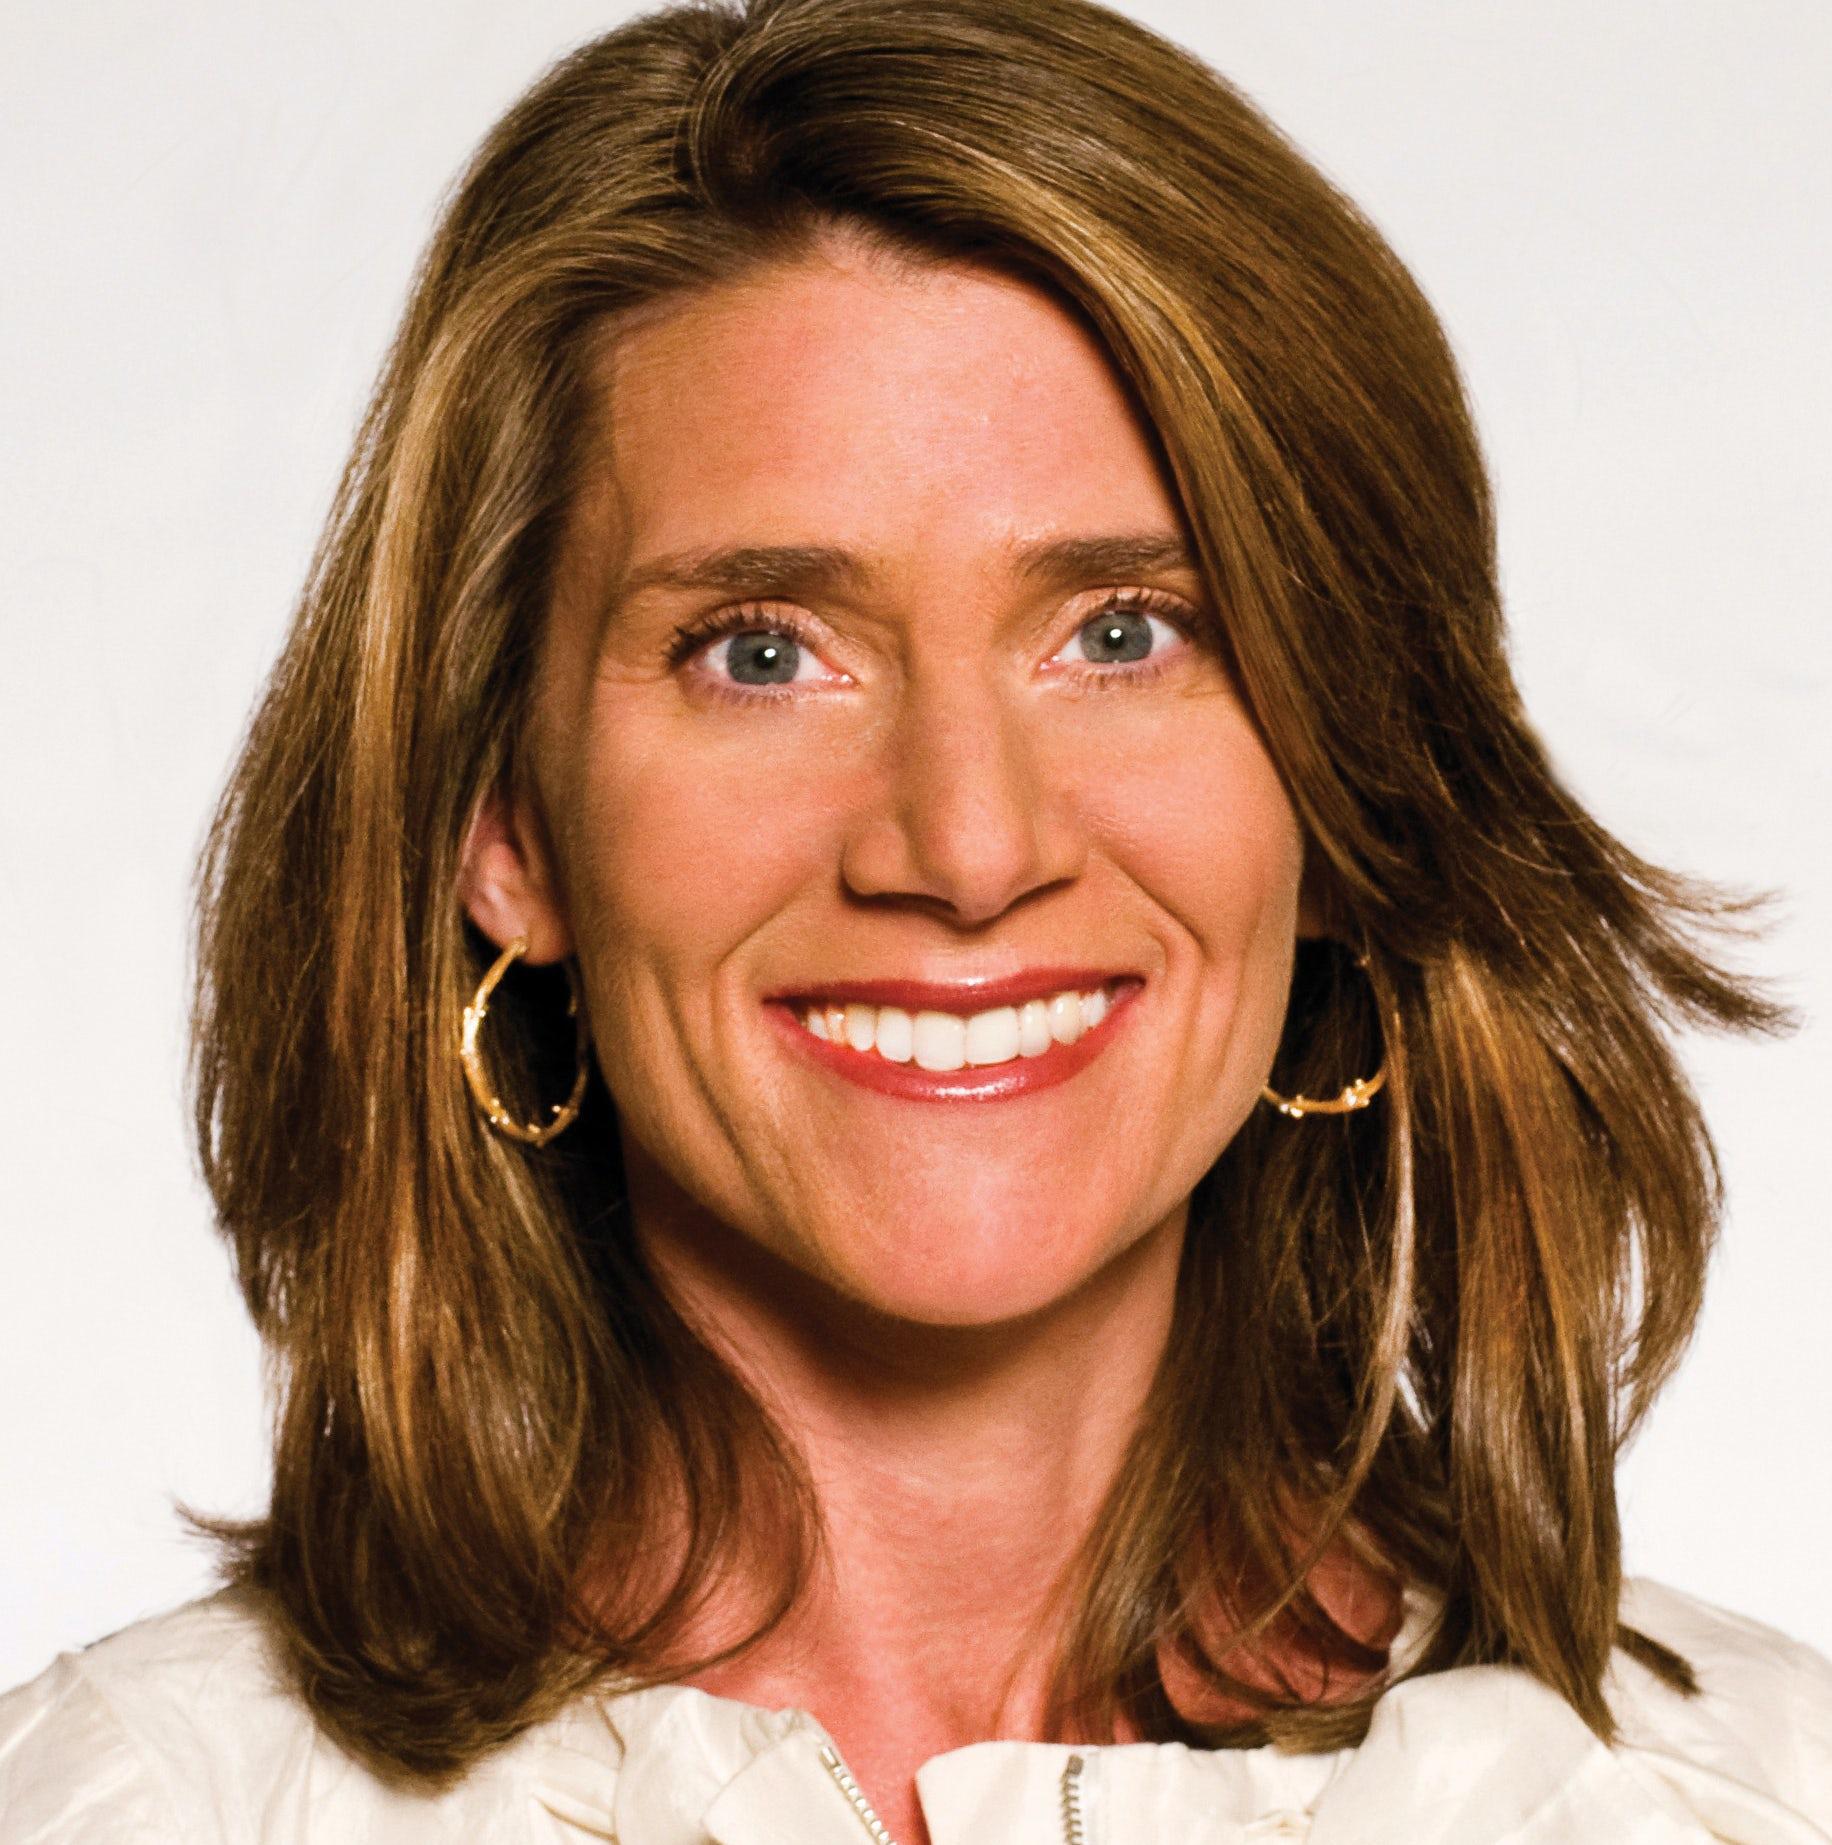 Christina Carone